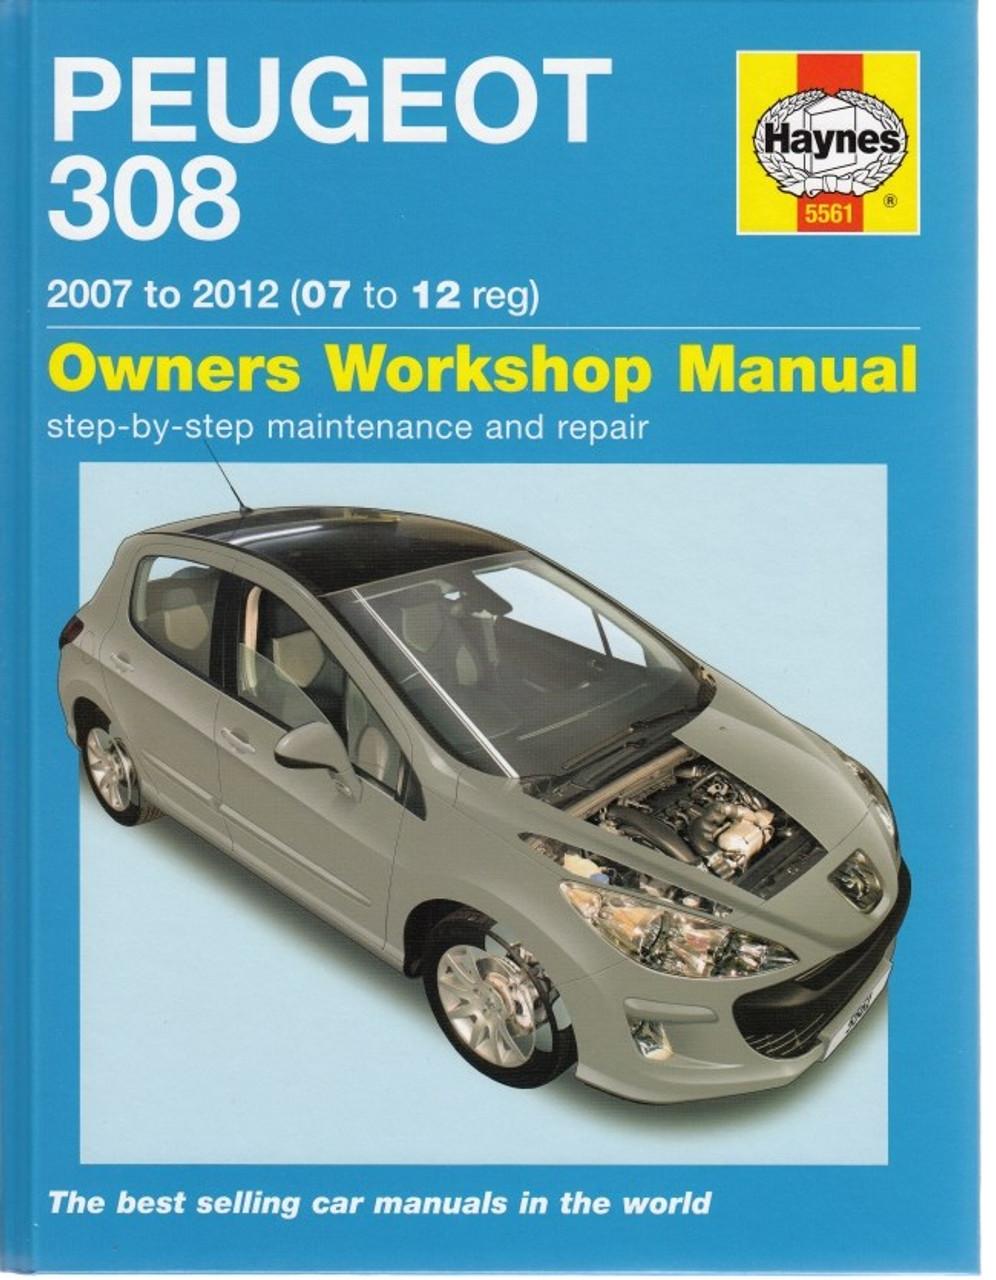 peugeot 308 2007 2012 petrol diesel workshop manual rh automotobookshop com au peugeot partner 99 diesel manual peugeot partner 99 diesel manual